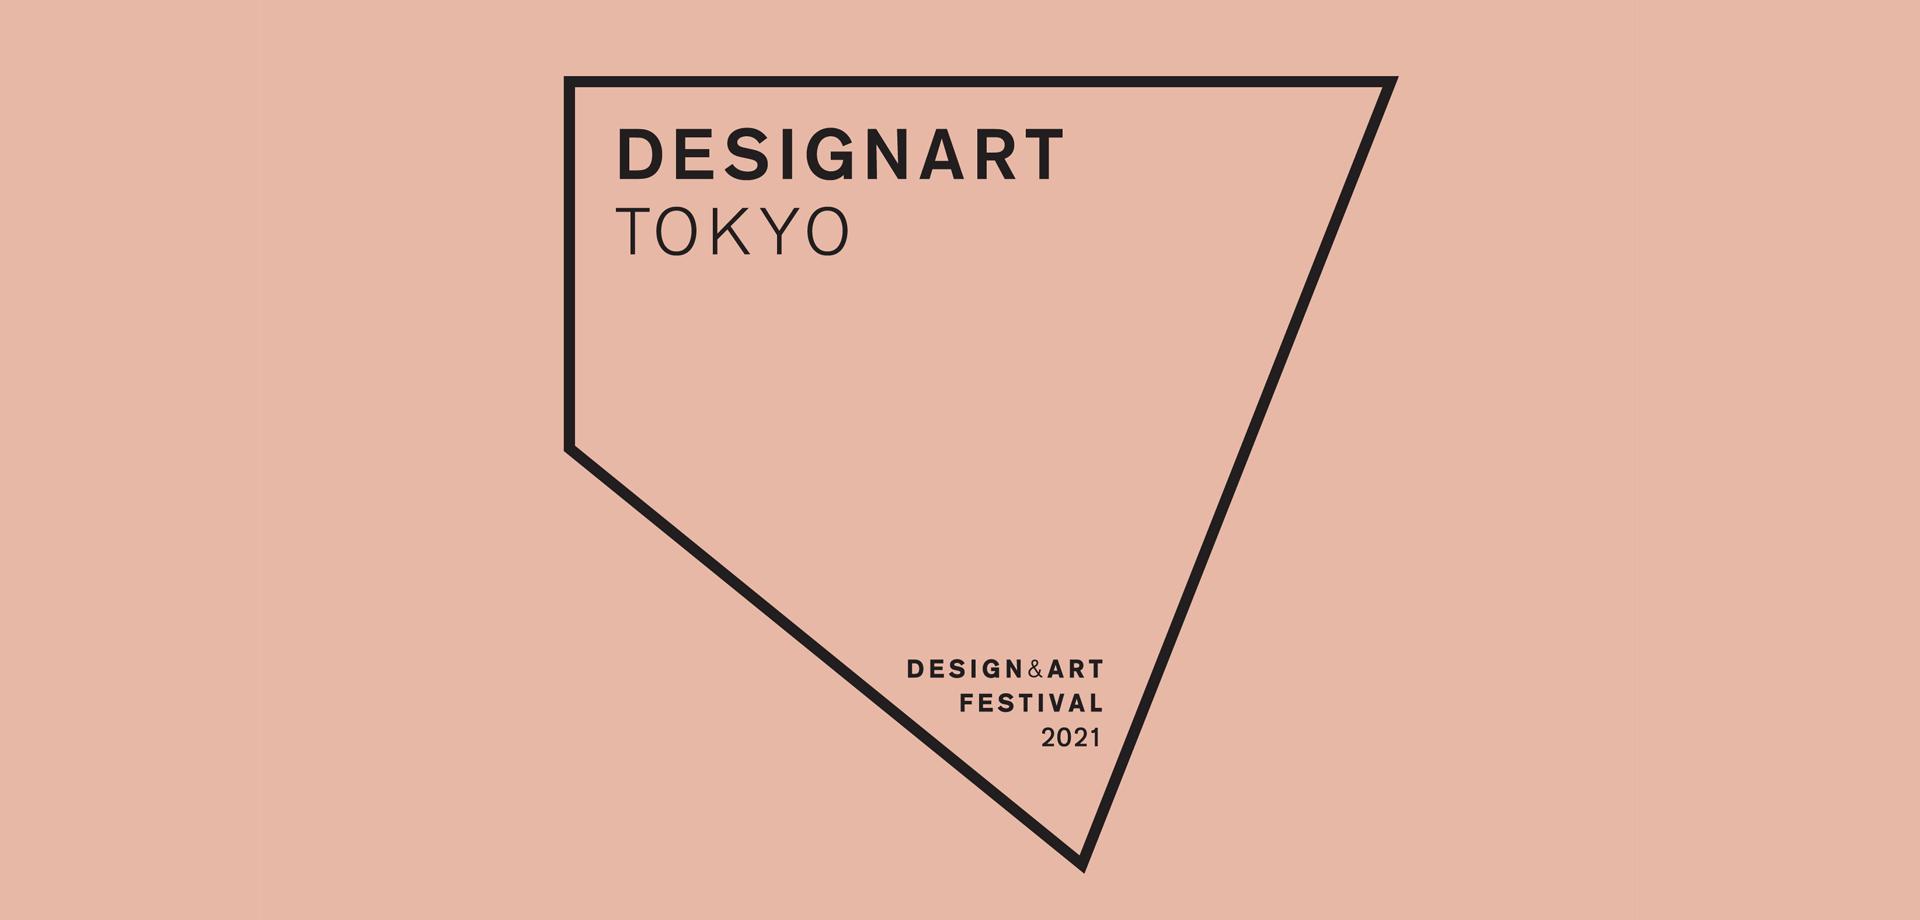 日比谷OKUROJI DESIGNART TOKYO 2021